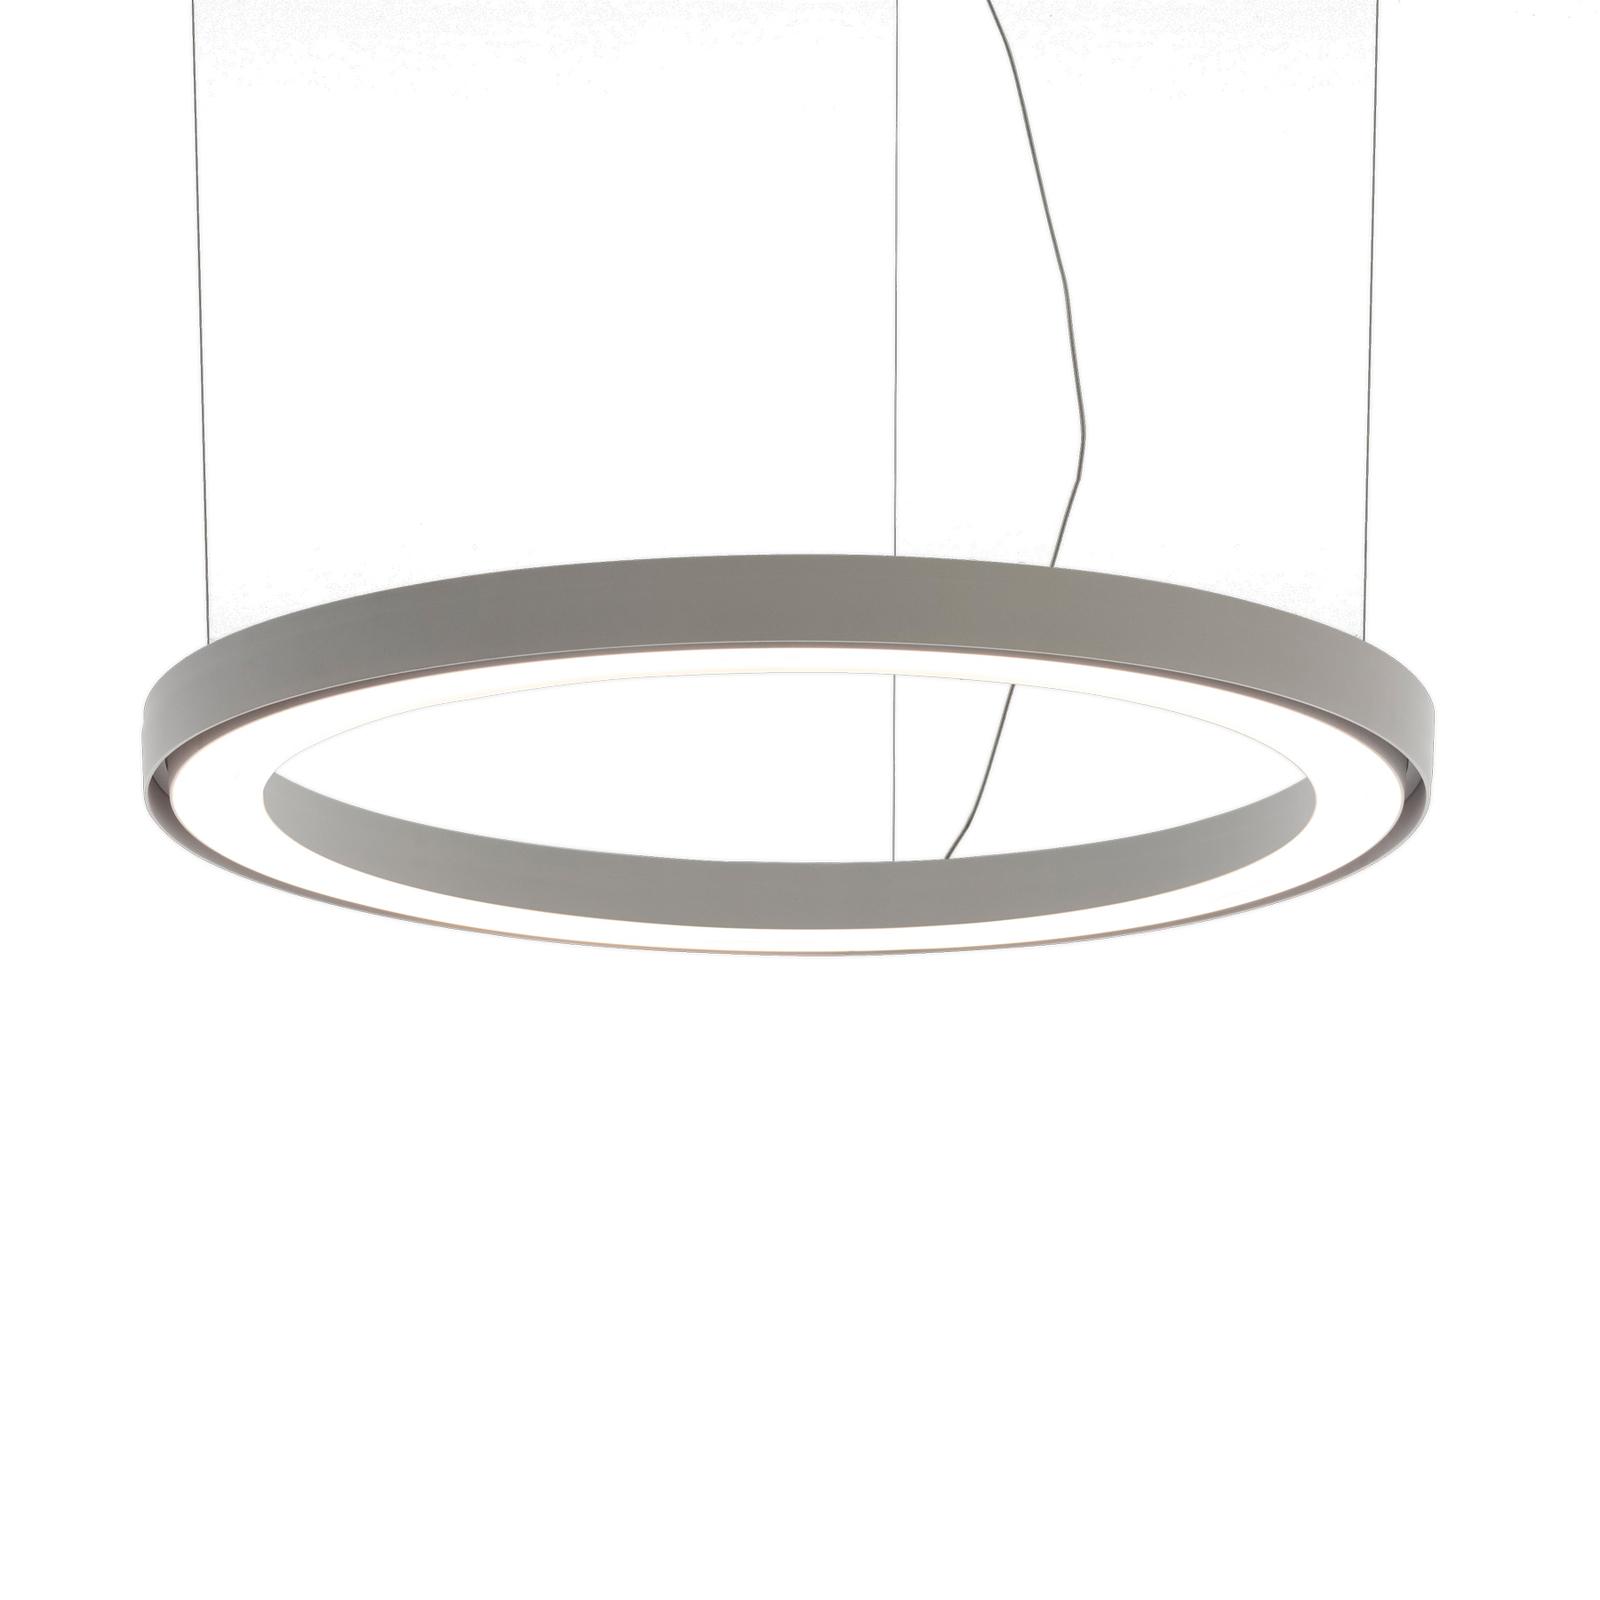 Artemide Ripple LED-Hängeleuchte weiß, Ø 70 cm